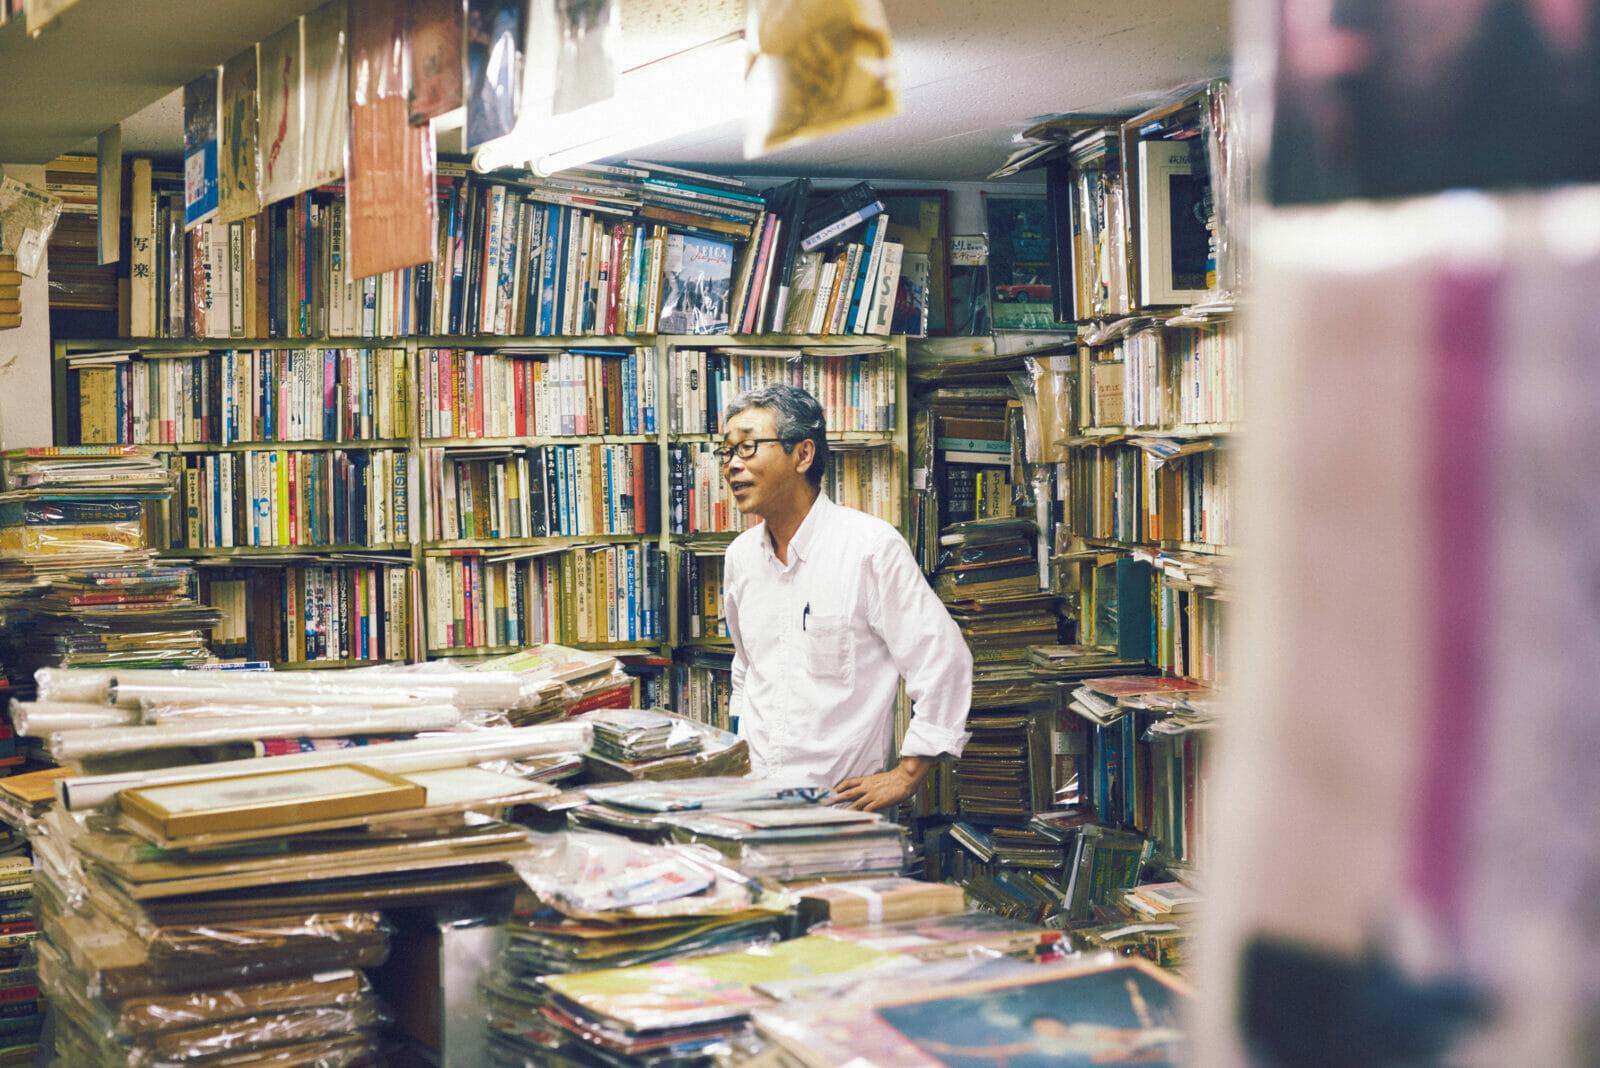 この街で、古書店を営むこと。